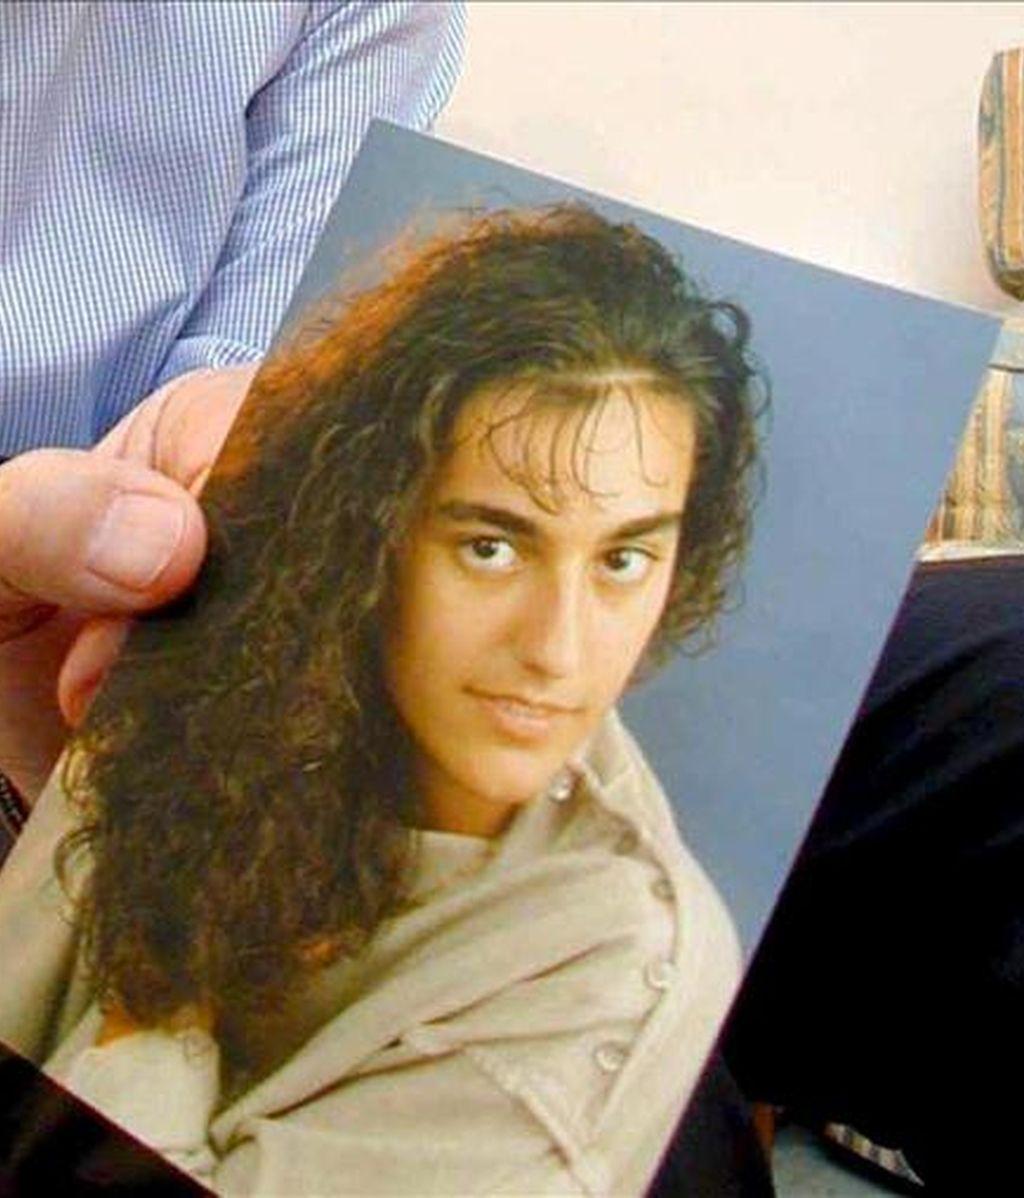 Fotografía de Eluana Engalro, la mujer italiana de 38 años que falleció hoy tras 17 años en estado vegetativo. EFE/Archivo